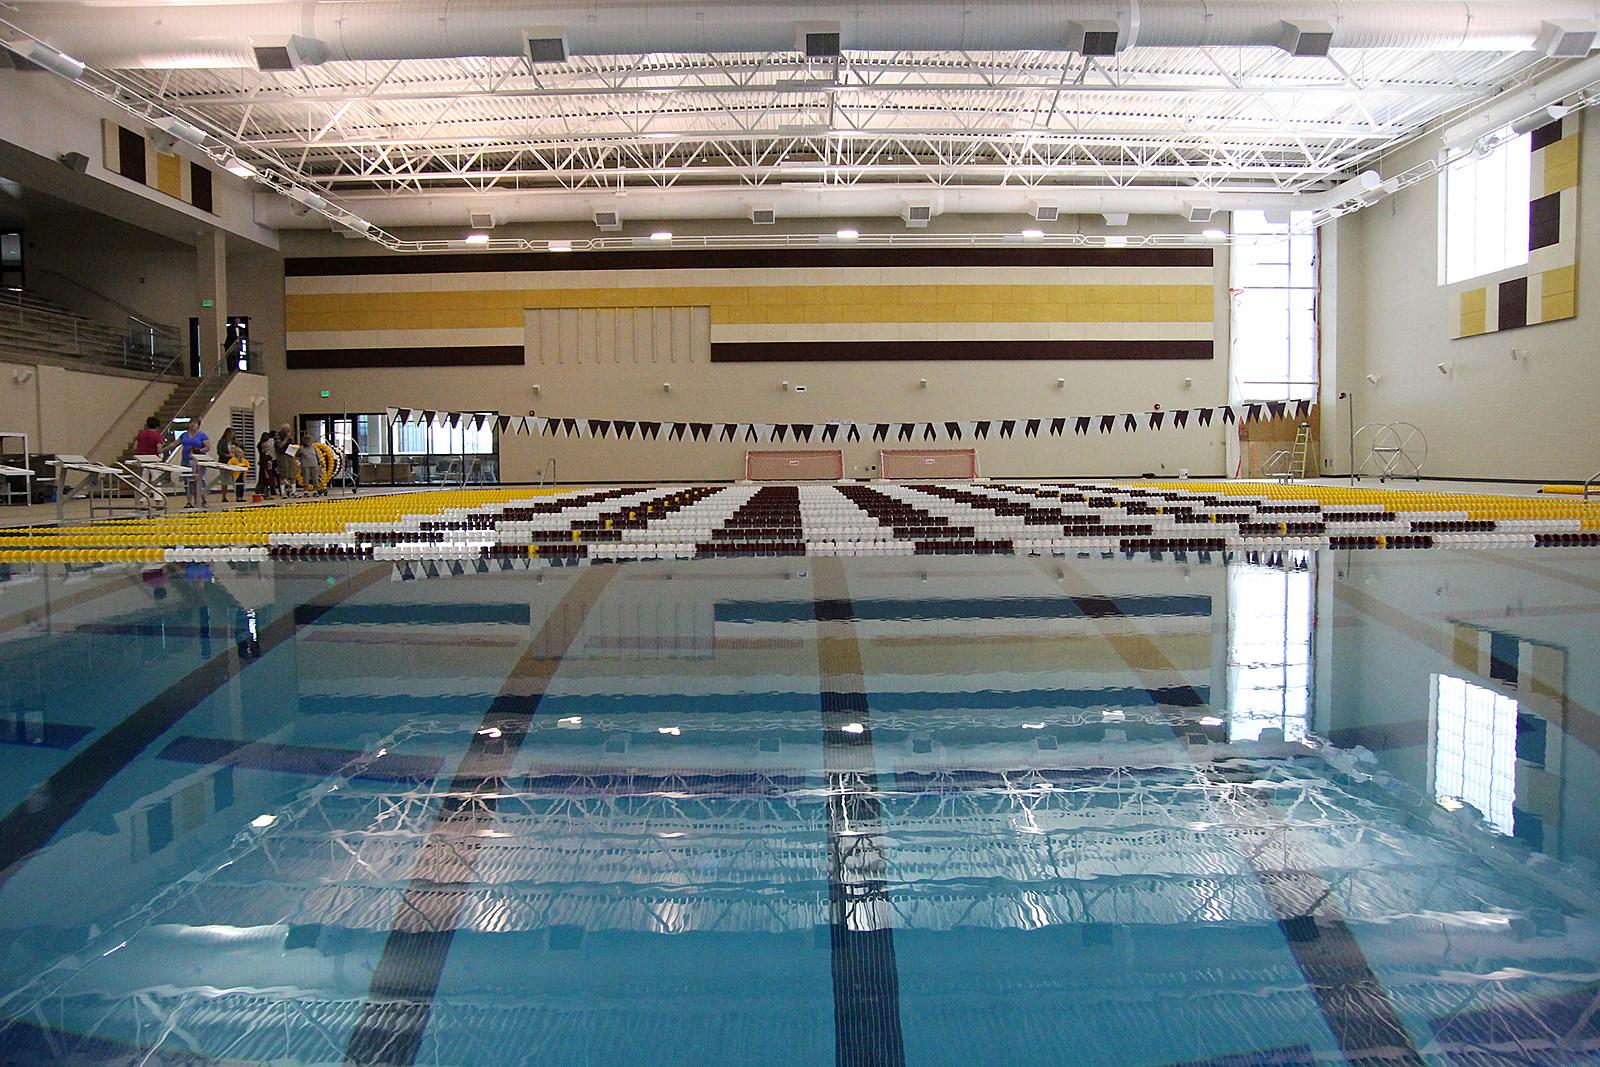 Ribbon Laramie High LHS Pool